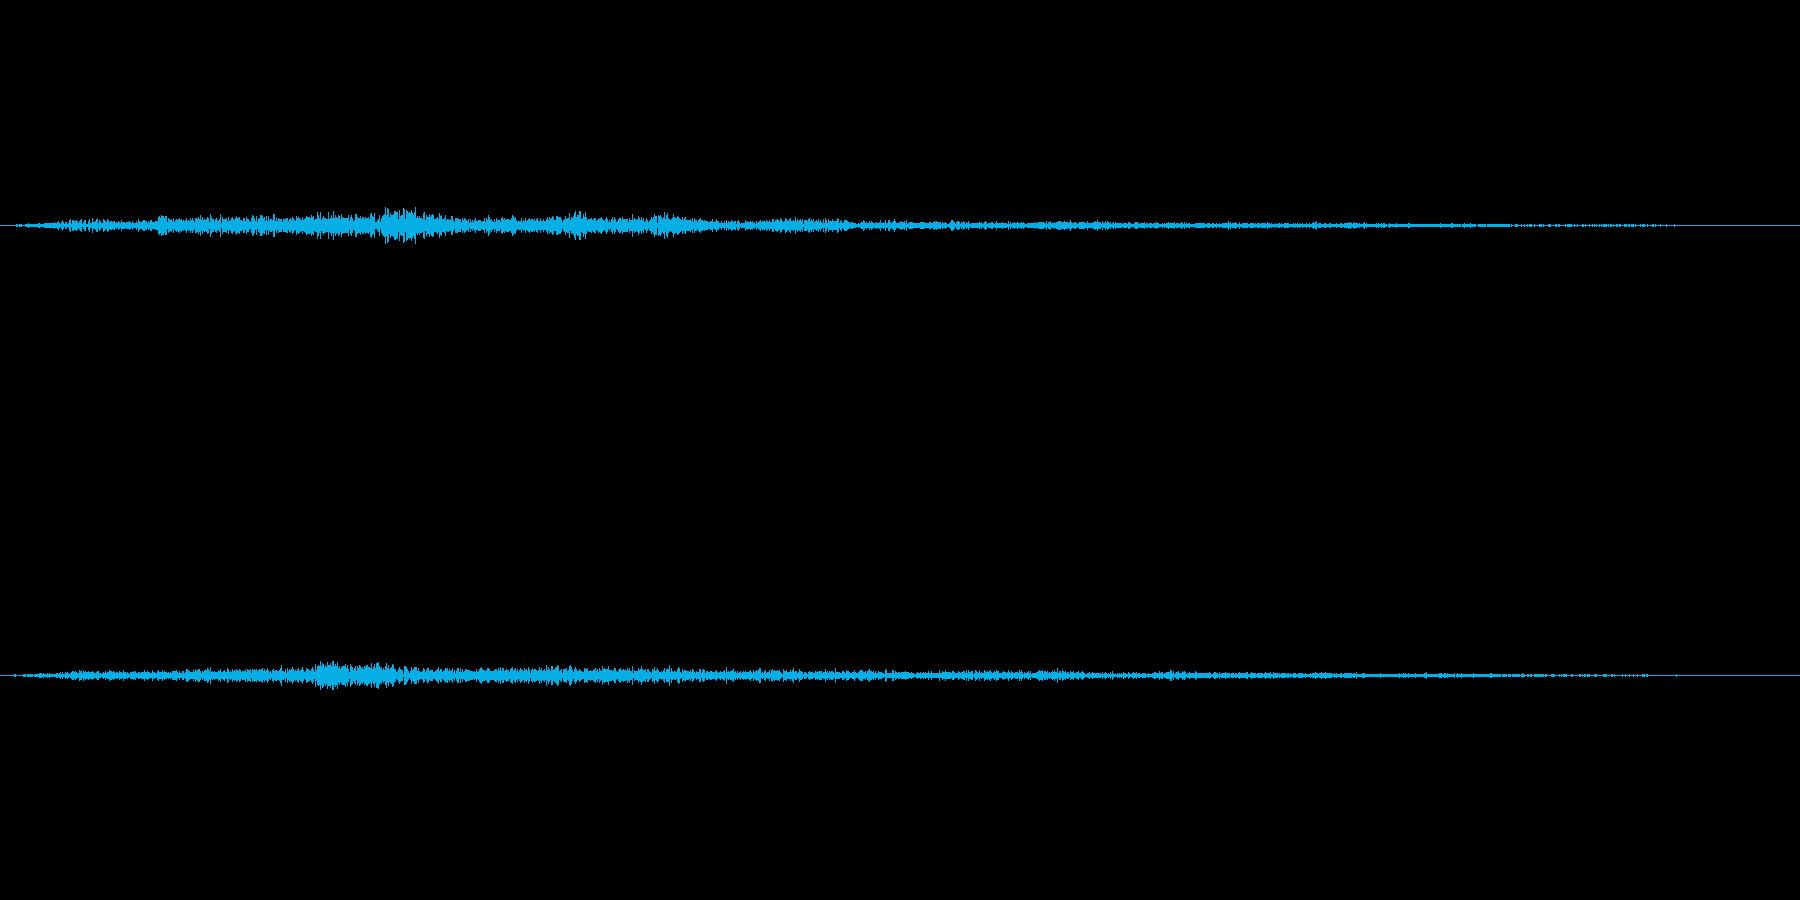 観客の笑い声(クスクス)の再生済みの波形